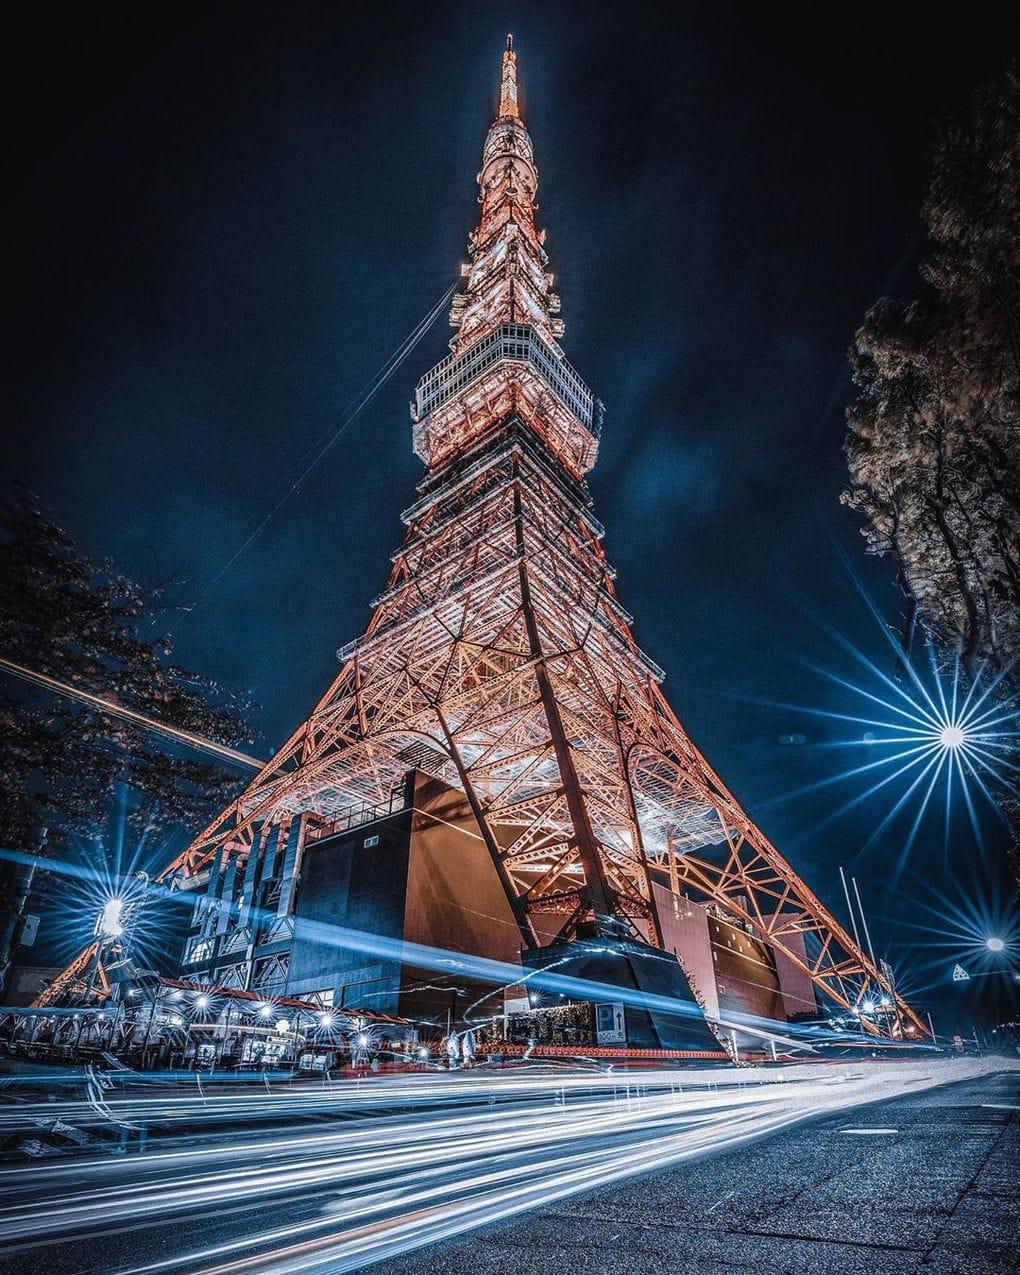 jungraphy 60702420 316421799278649 1385098468731343160 n - 25 работ фотографа из Токио, которые погрузят вас в магическую атмосферу ночных японских улиц